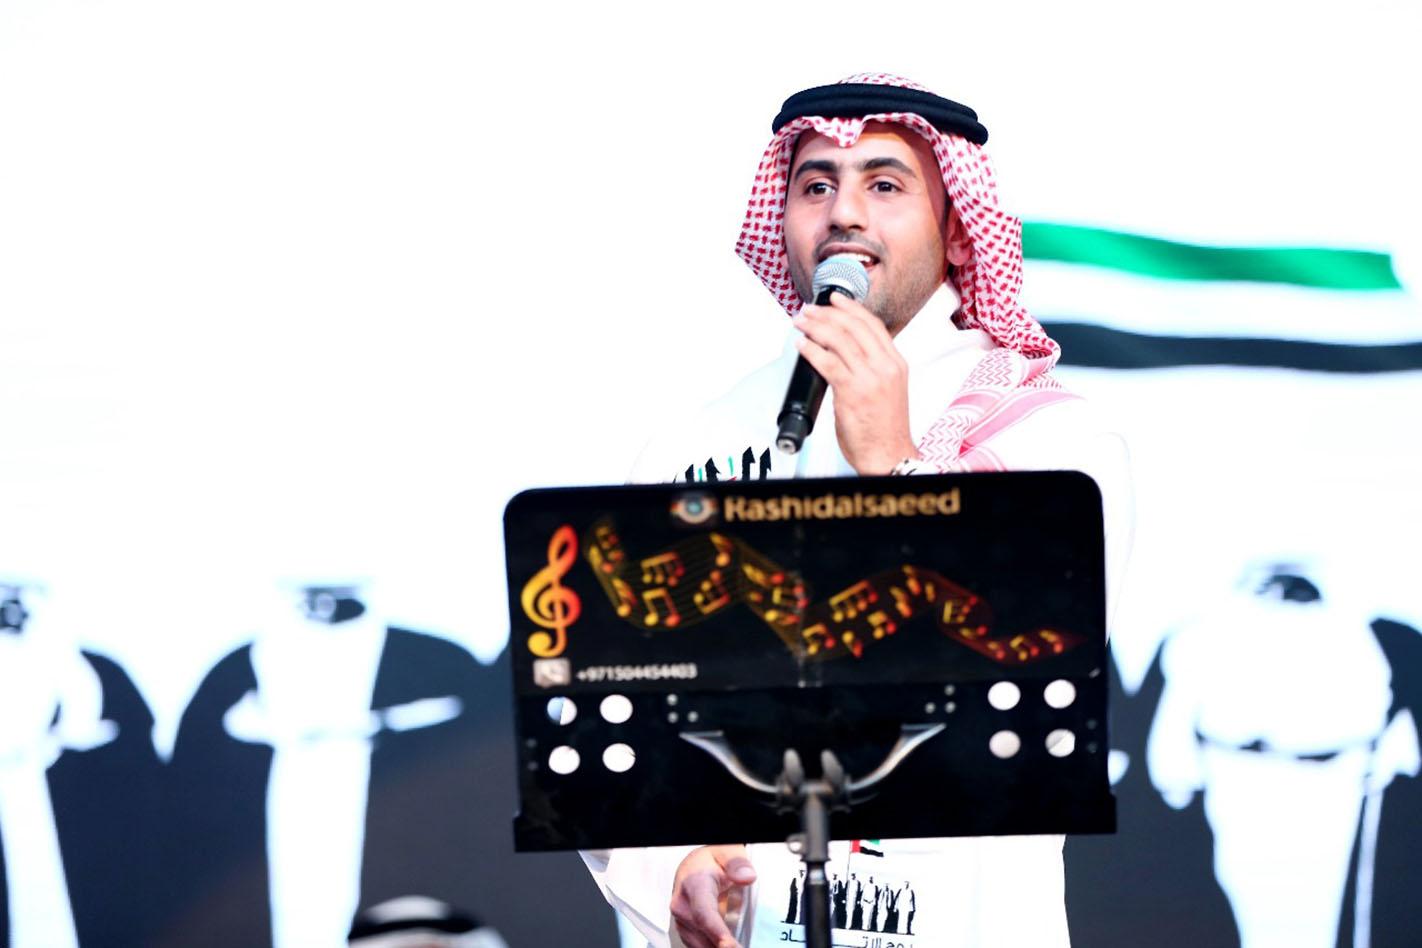 صورة نظمتها هيئة السياحة في دبي والمتعهد الشهير راشد السعيد وليد الشامي وفؤاد عبدالواحد وداليا مبارك يحتفلون برفقة الجماهير في دبي باليوم الوطني الـ46